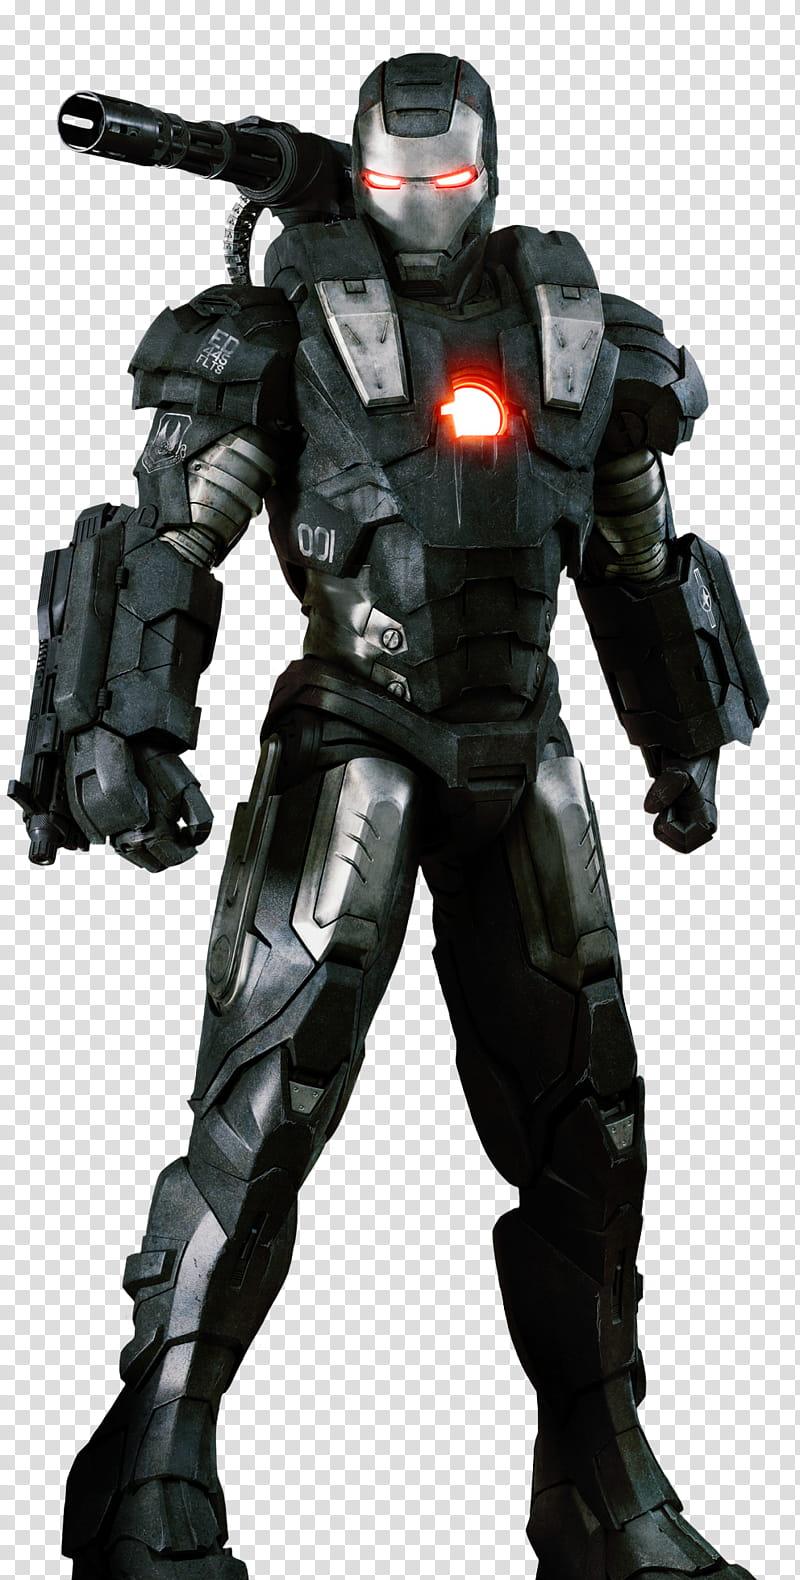 War machine clipart graphic freeuse library Iron Man War Machine Render transparent background PNG ... graphic freeuse library